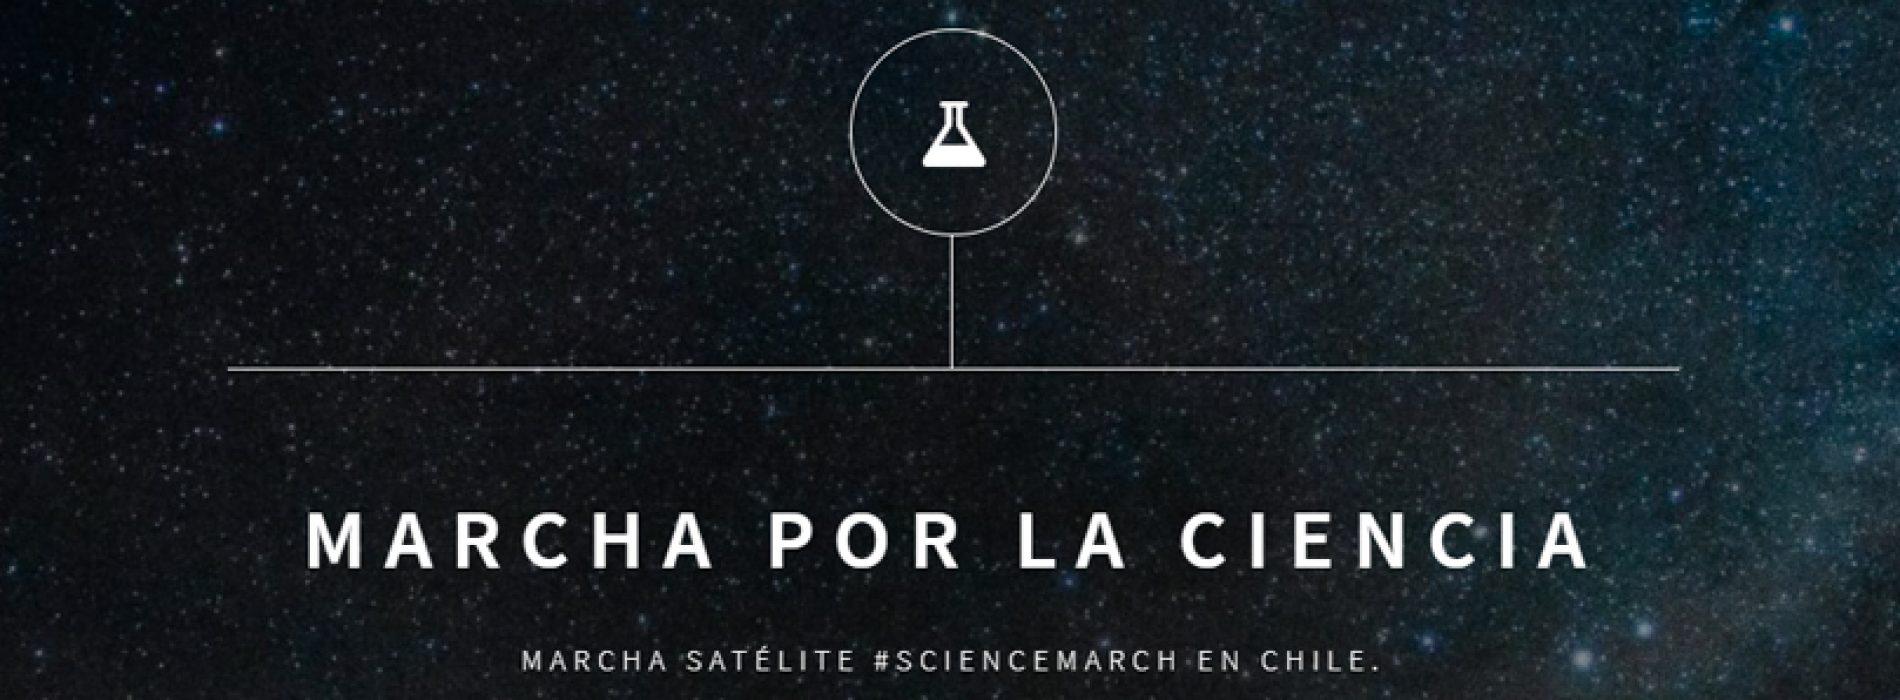 Marcha por la Ciencia y el Conocimiento 2018 – Sábado 14 Abril